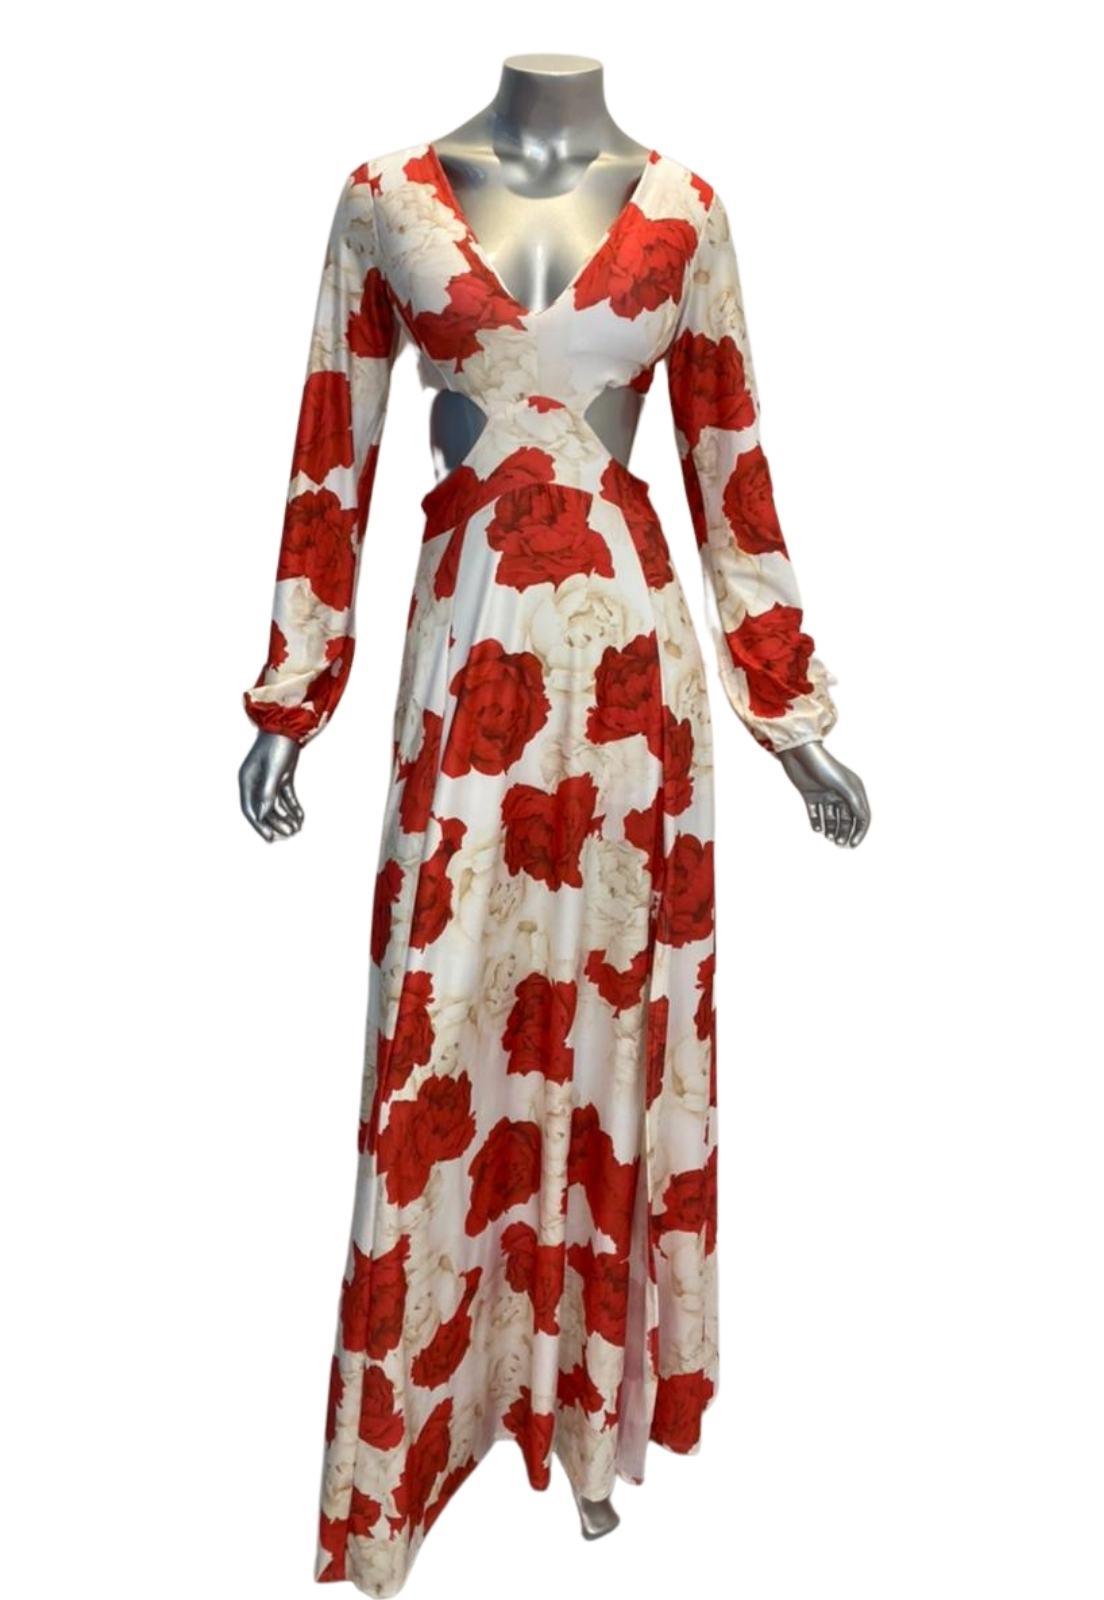 Vestido Longo Estampado Floral Lia Manga Longo Abertura  Fluity Vermelho e Branco